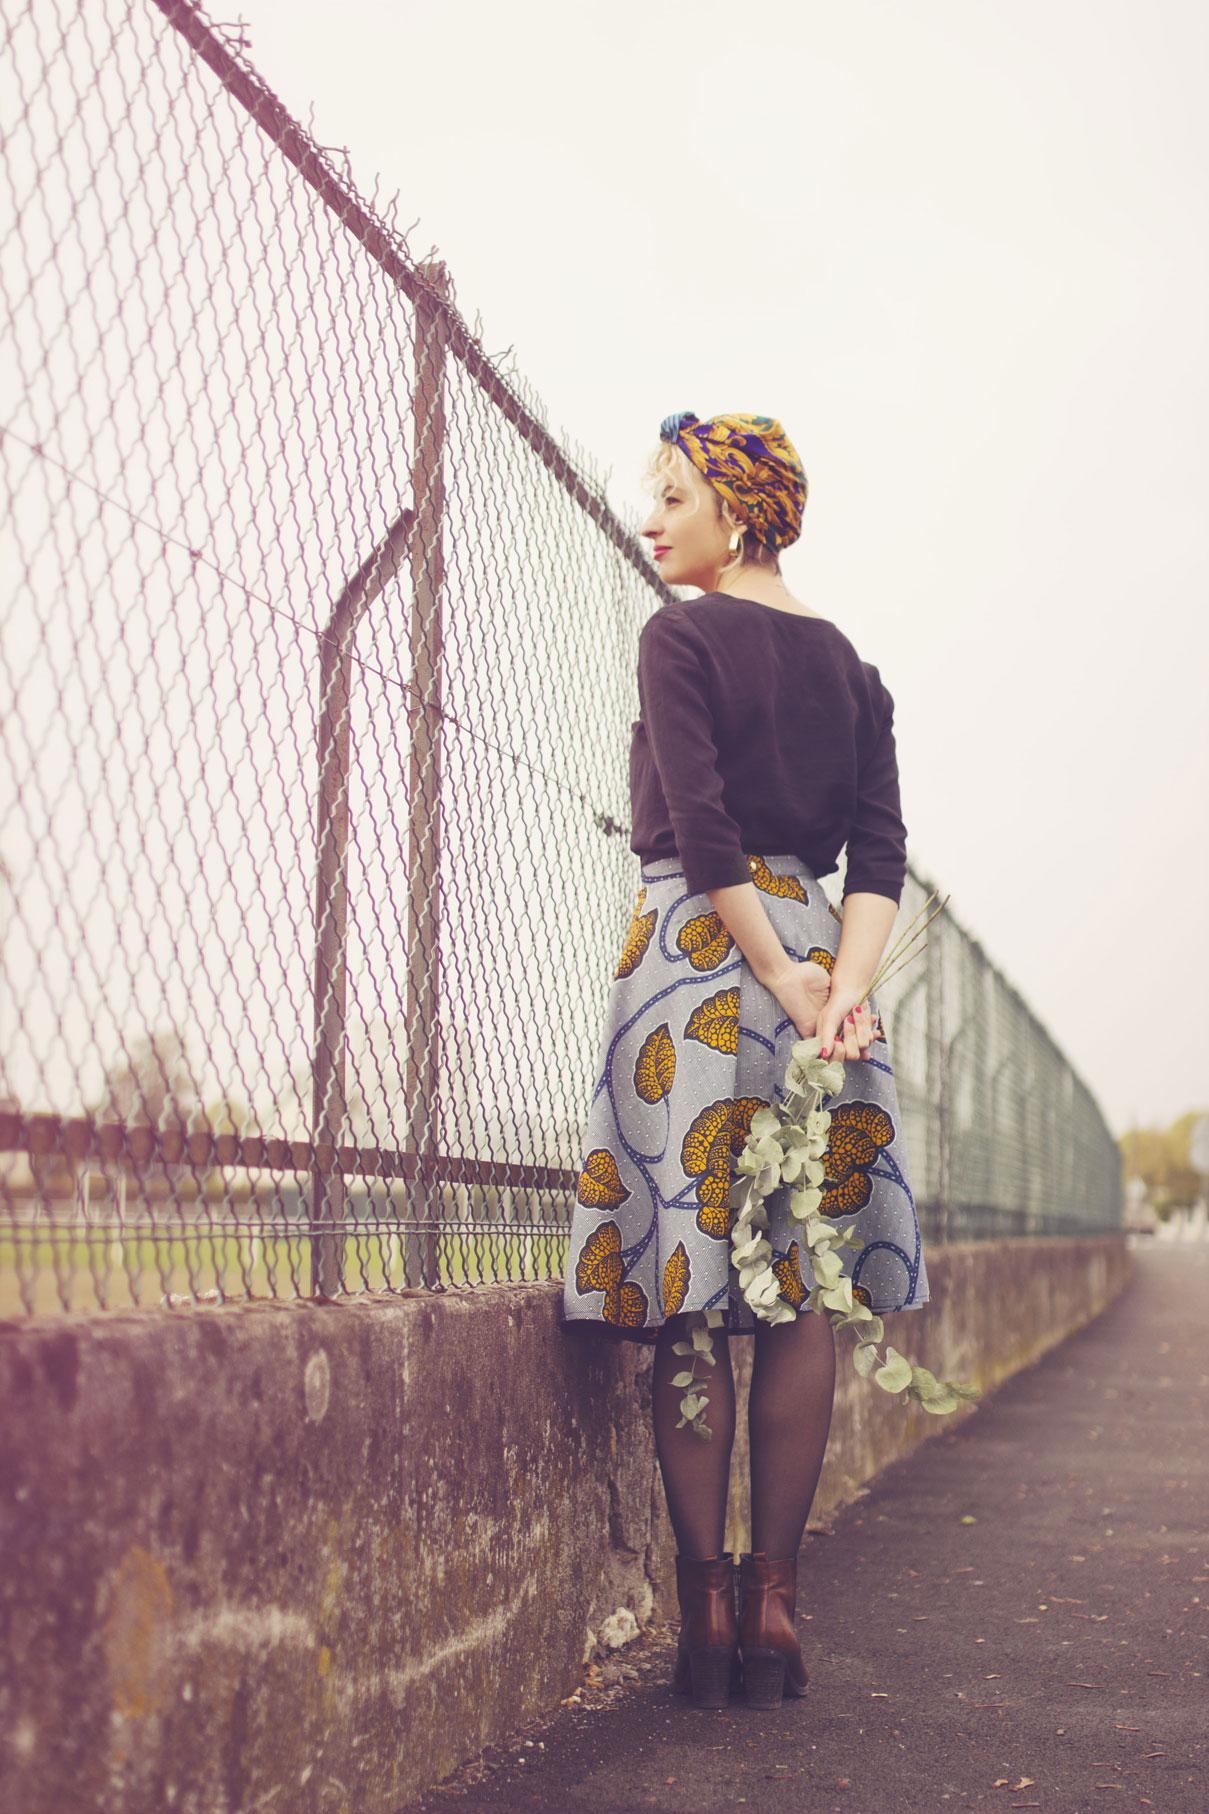 portrait mode d'une femme dans la rue